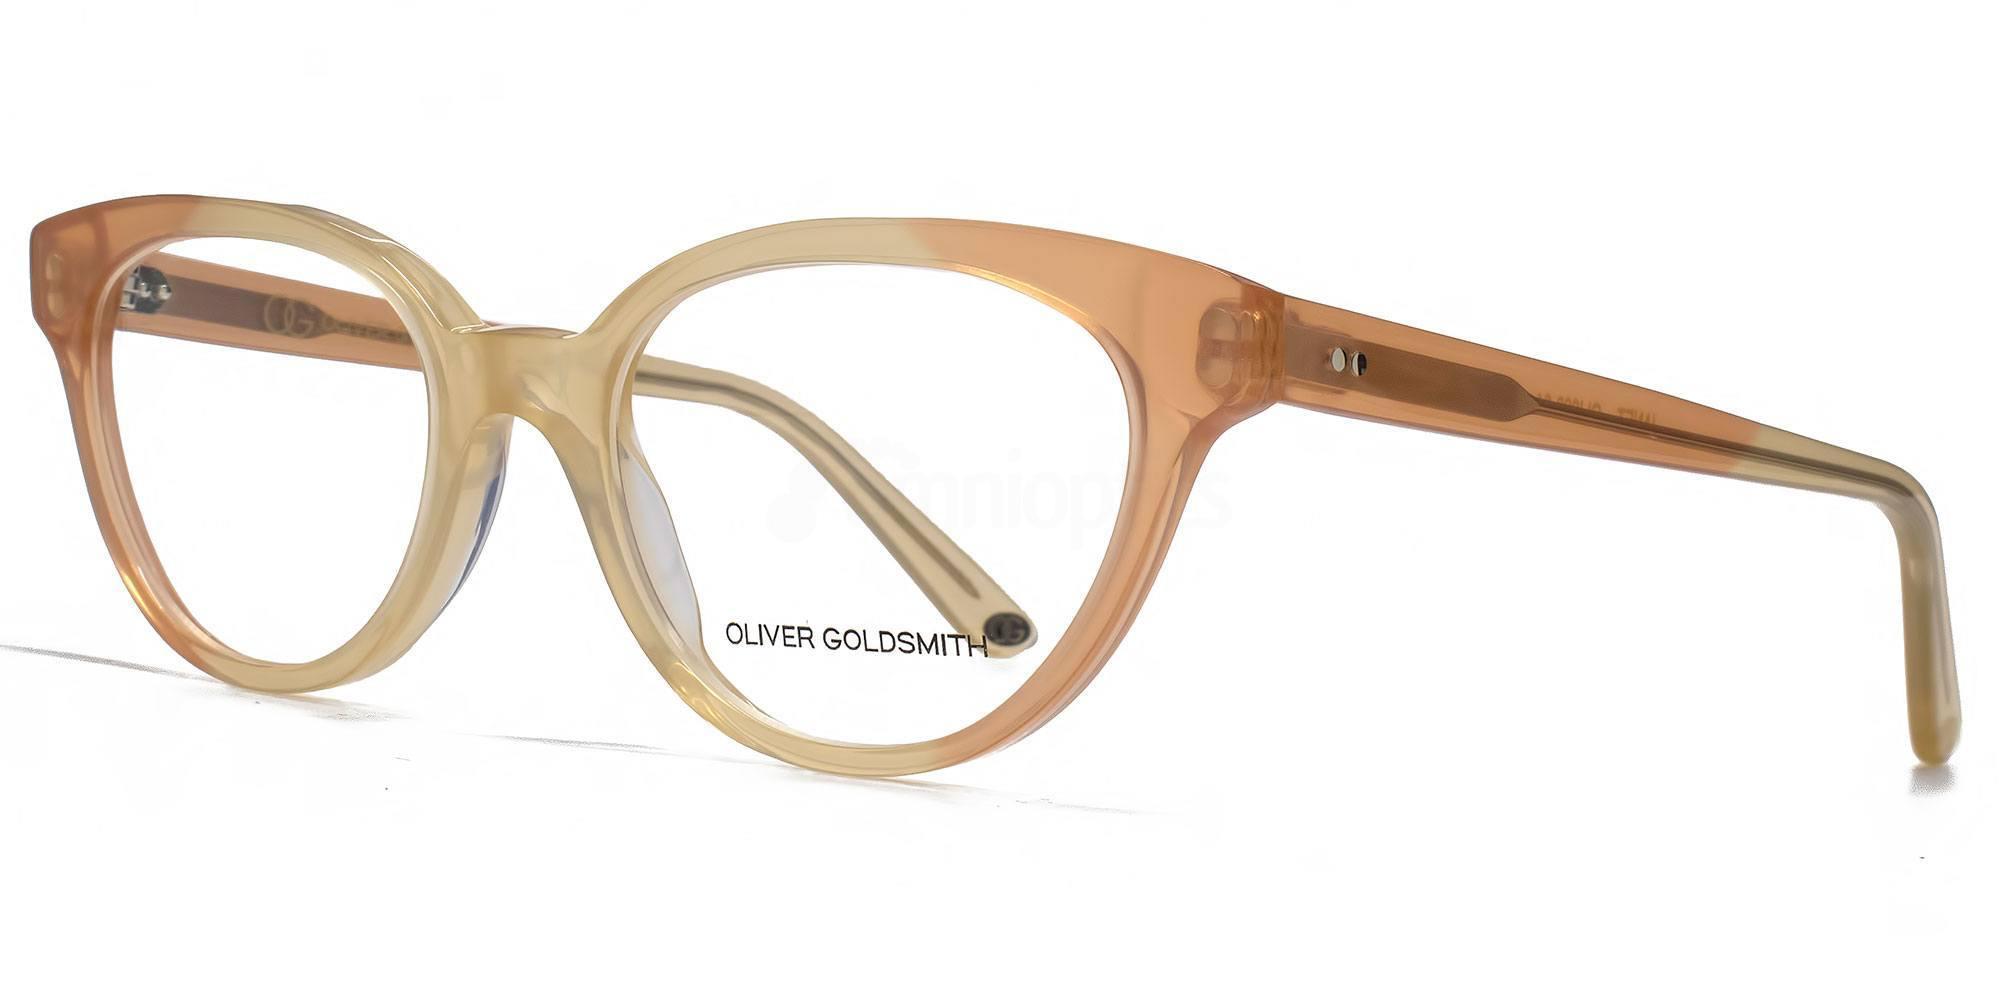 01 OLI020 - JANET , Oliver Goldsmith